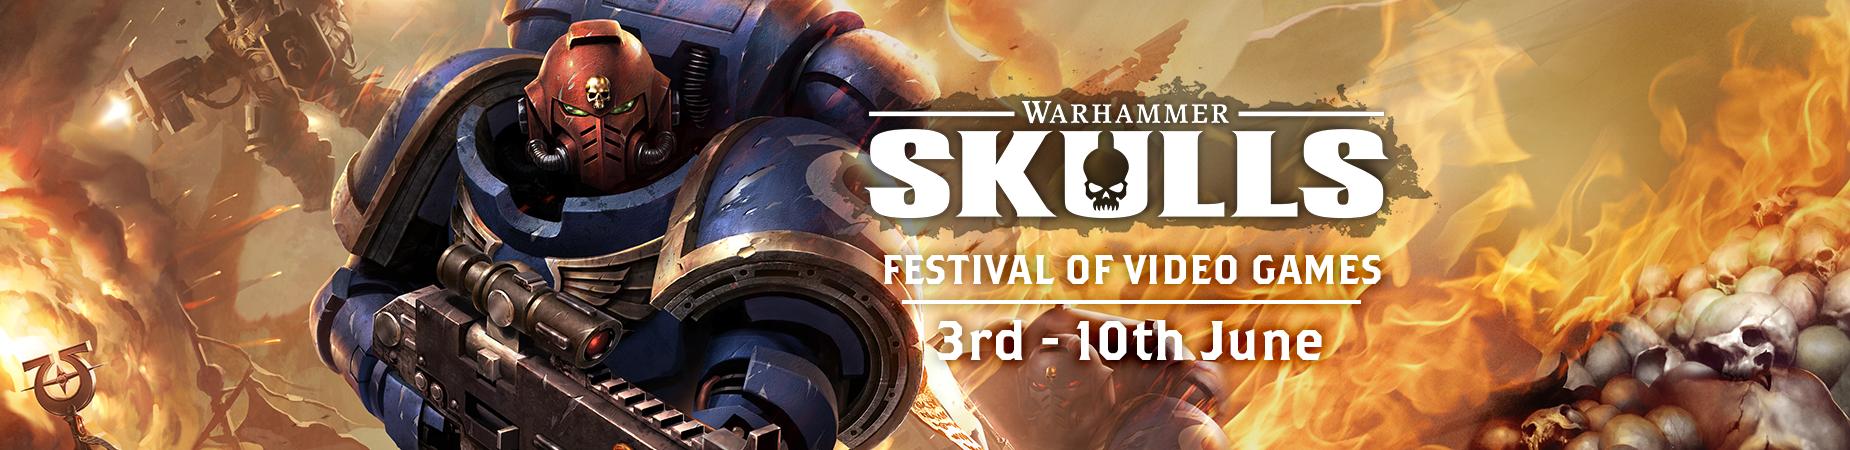 Skulls 2021 Takeover Banner